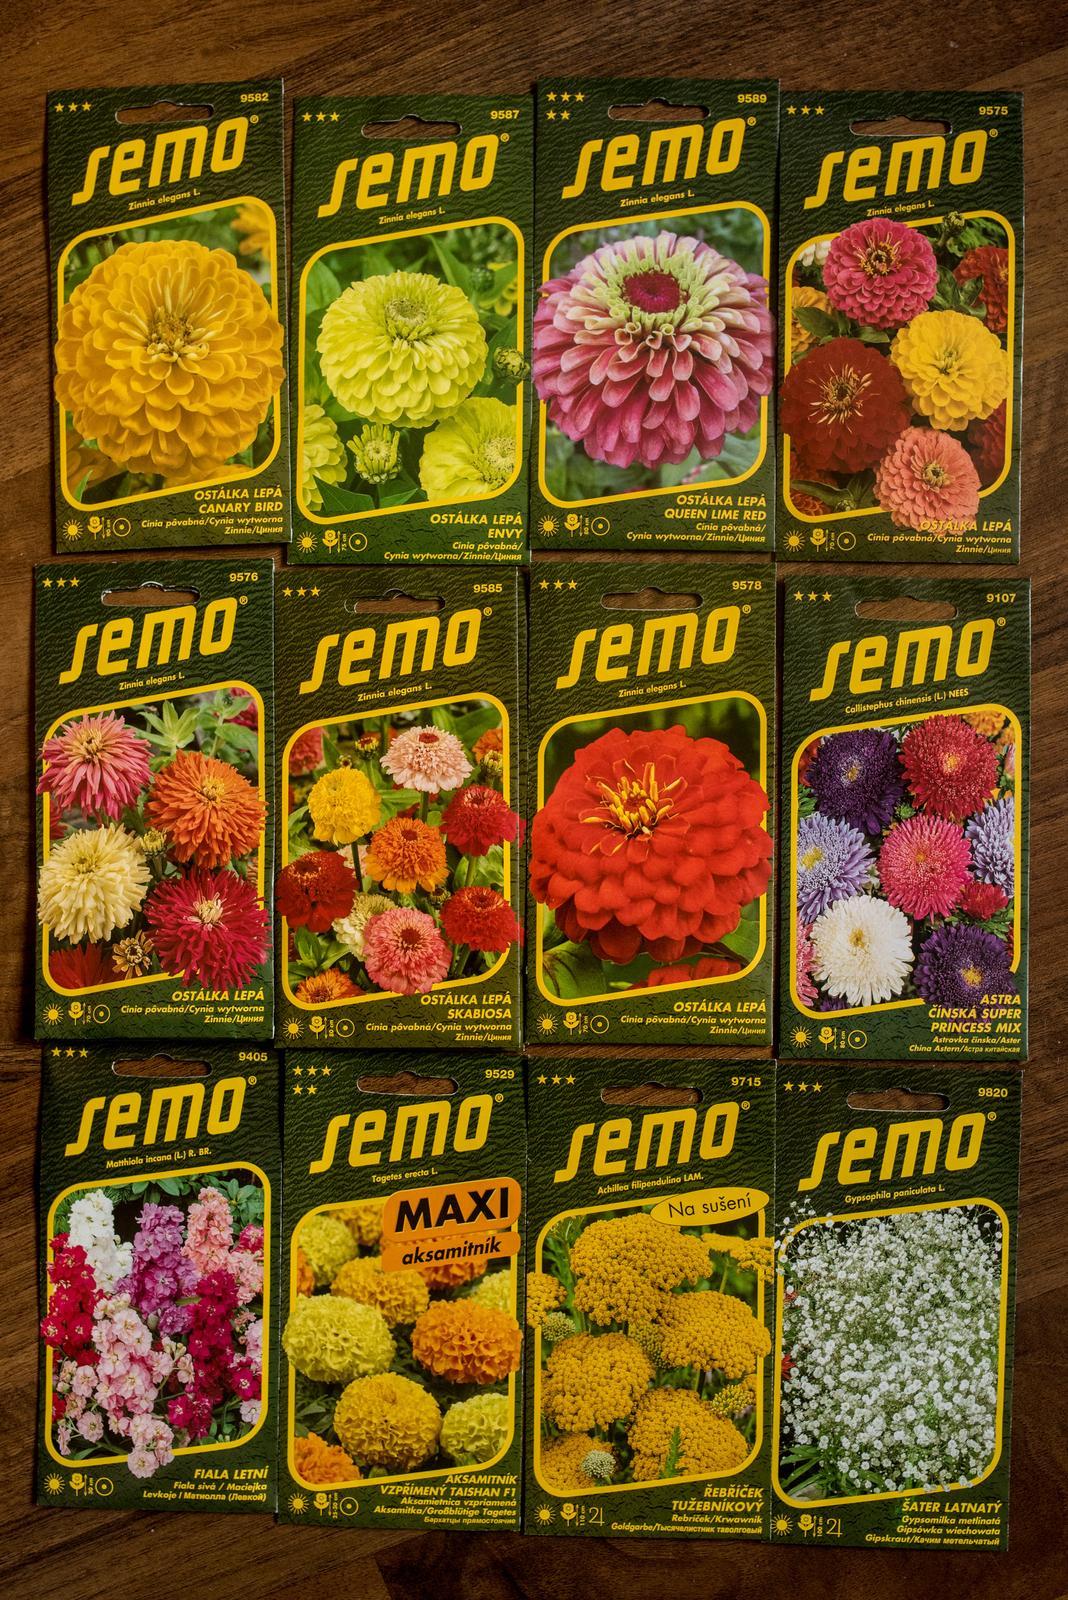 Vo víre kvetov... - Dnes mi dorazila dalsia varka semienok objednanych z eshopu a pomaly si zacinam uvedomovat, ze to pestovanie kvetov ma bude stat viac, ako keby som si ich kupila hotove :D